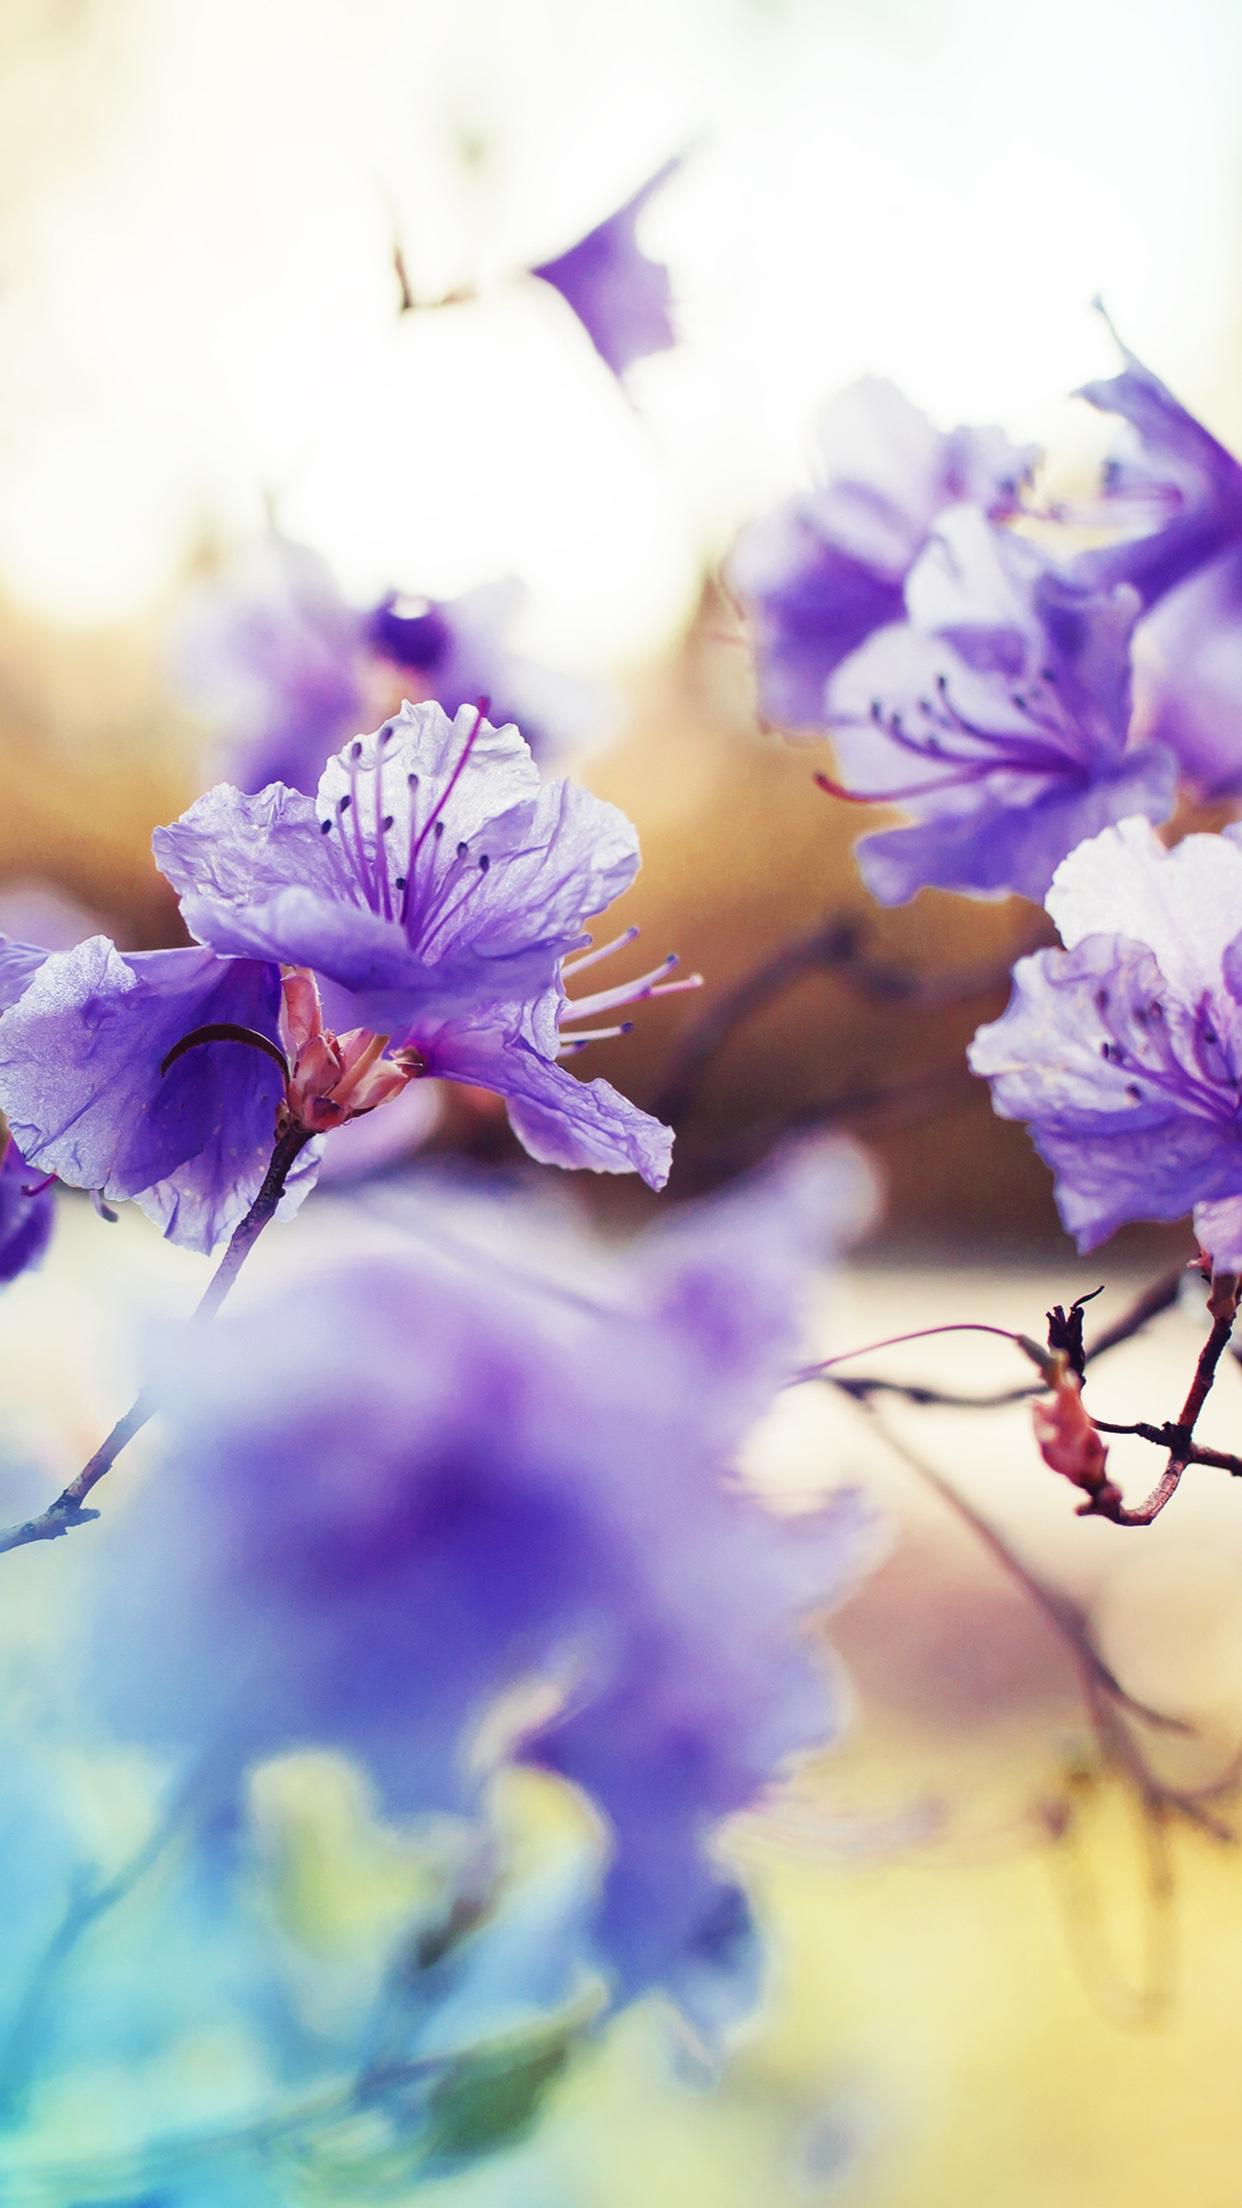 Lilac purple pretty spring blossom flowers Purple